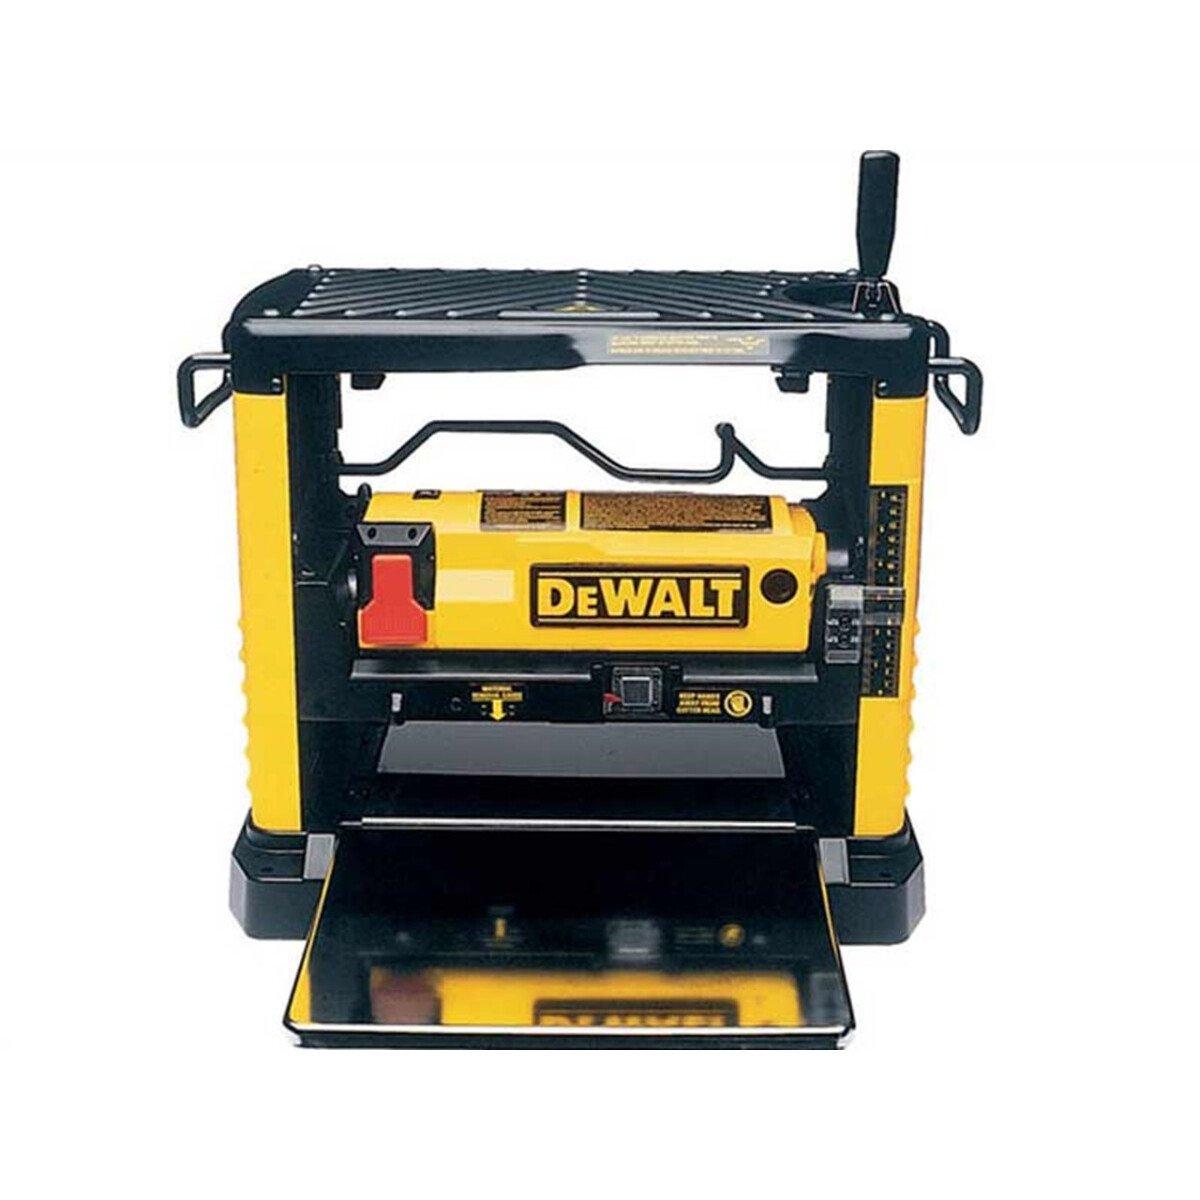 DeWalt DW733 1800w 317mm Thicknesser 240v